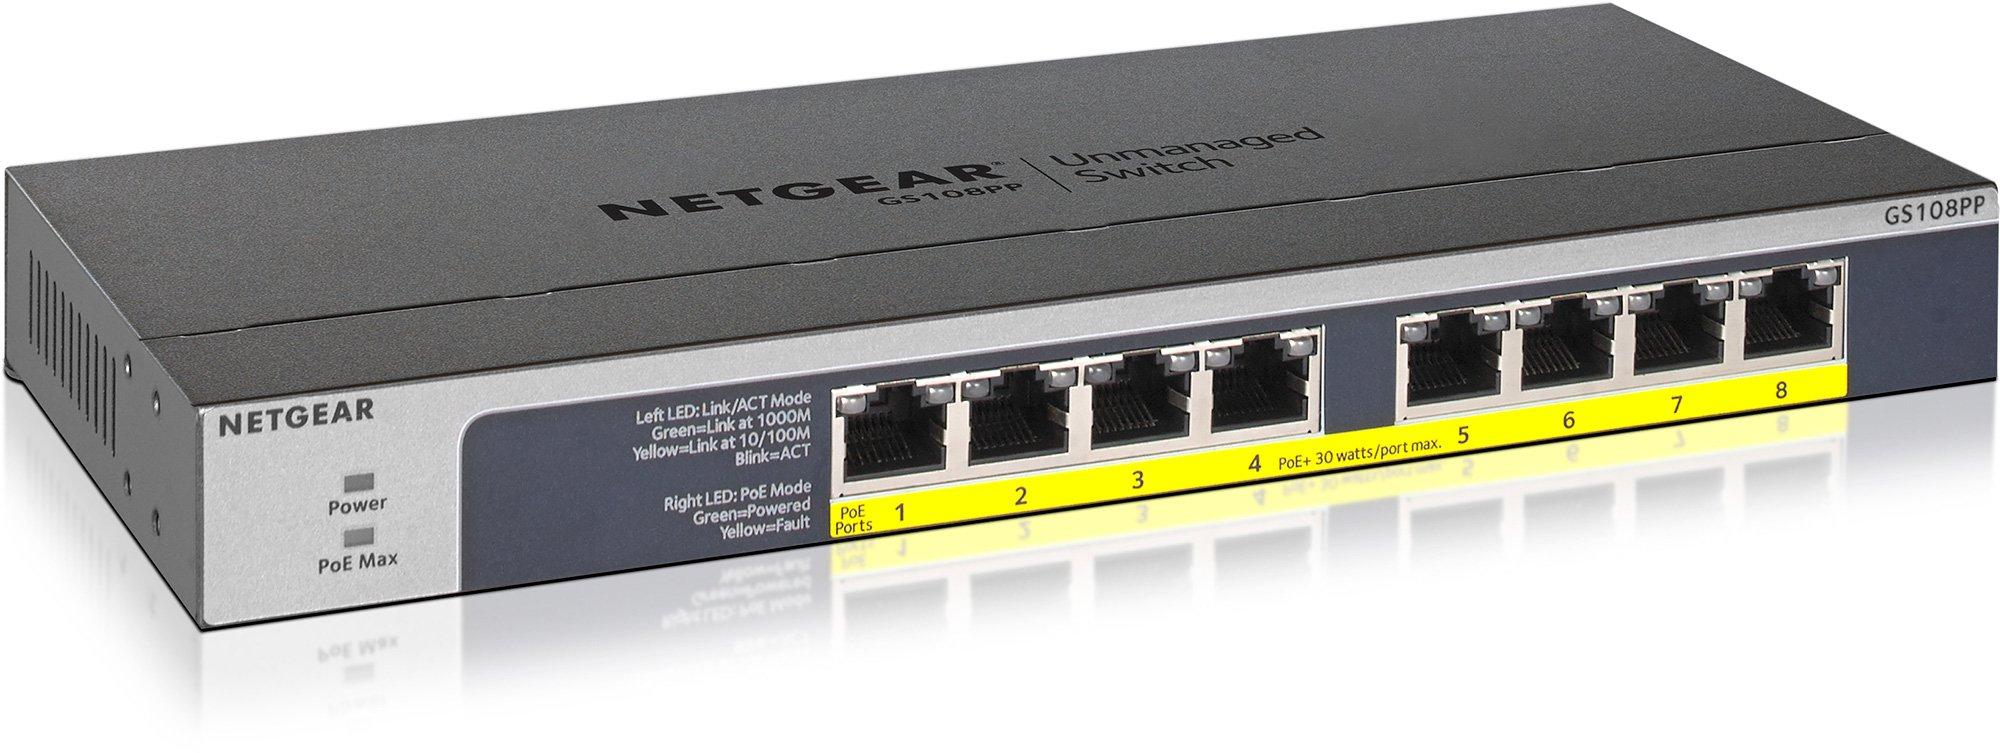 Netgear GS108PP